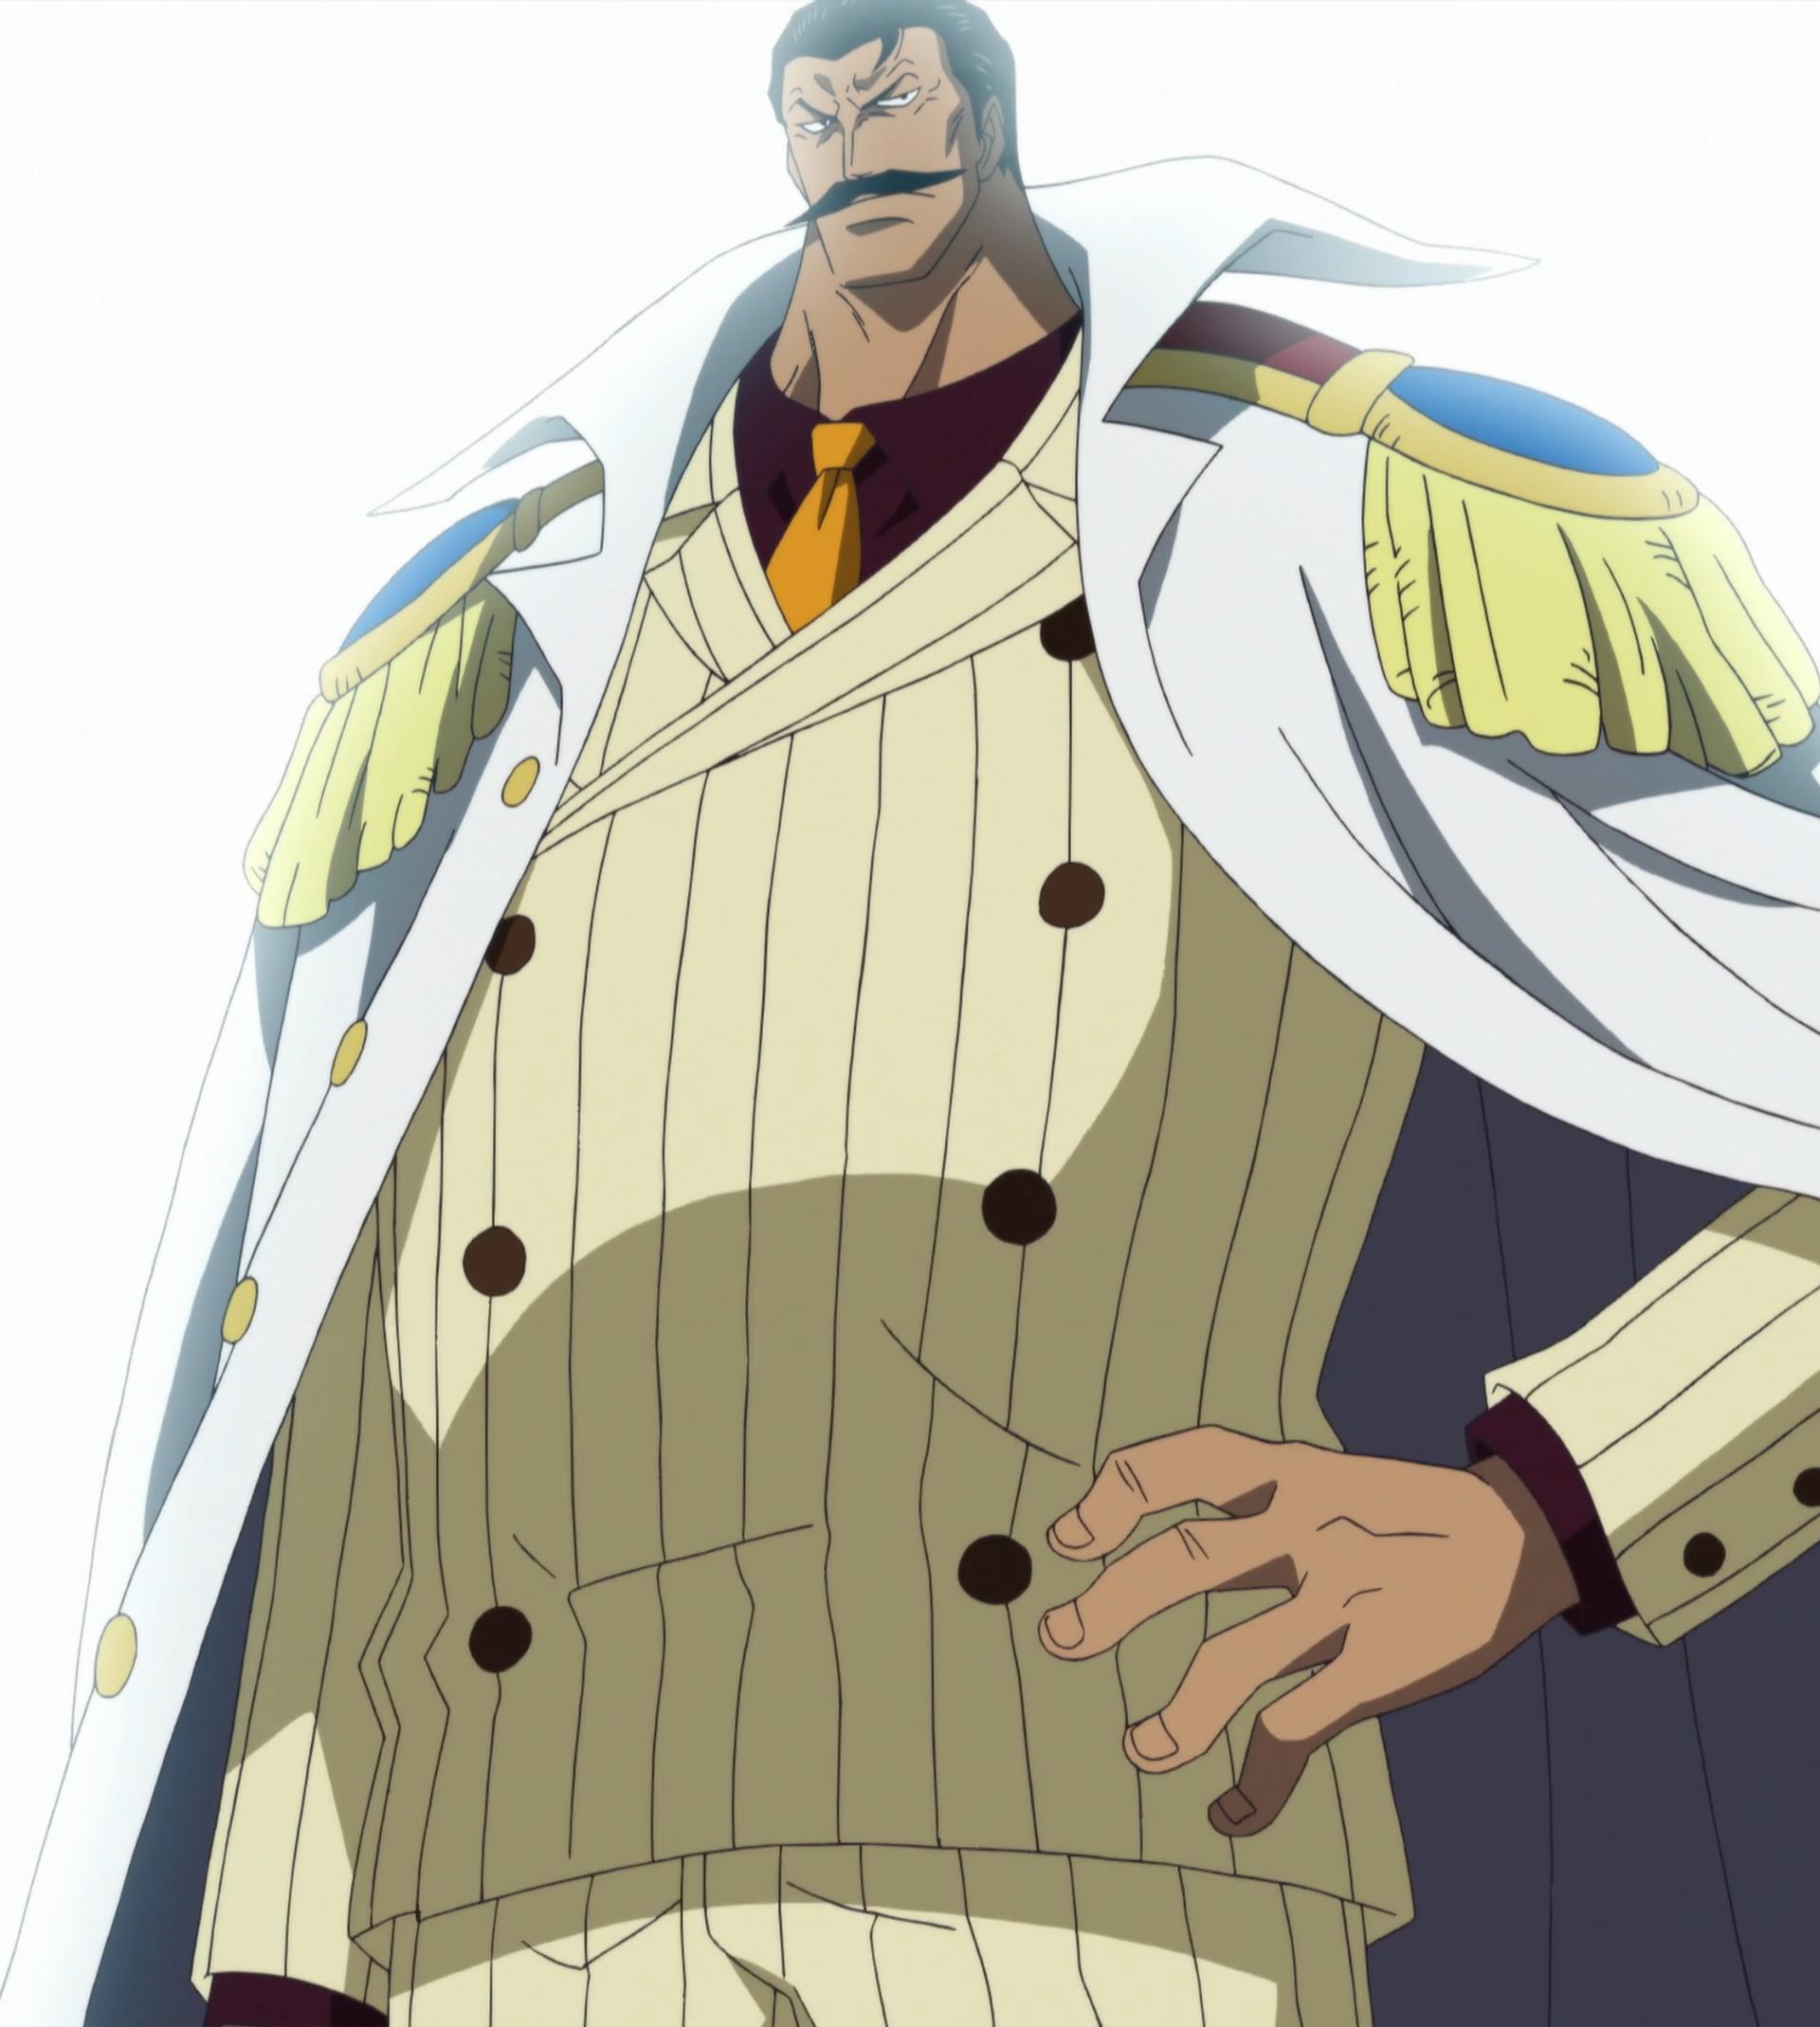 Stainless One Piece Wiki Fandom Powered By Wikia